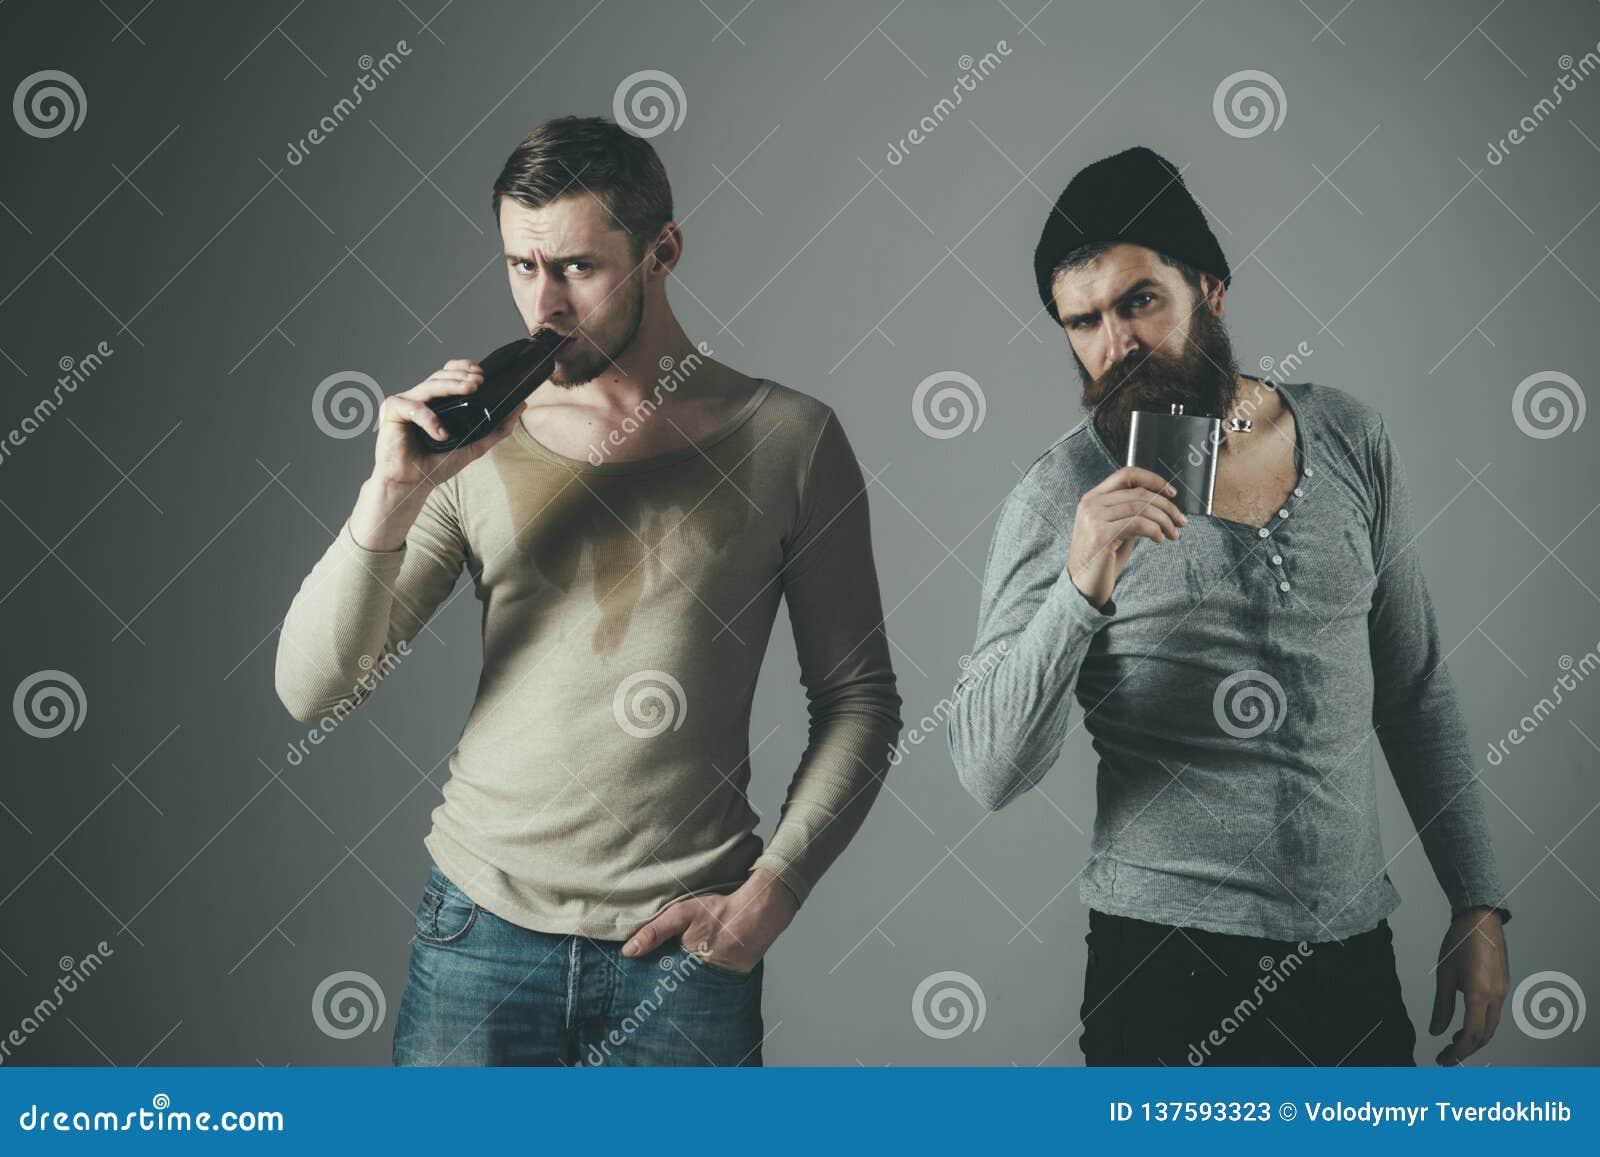 酒精不是答复 饮用的当事人 喝从瓶和烧瓶的人酒精 酒精上瘾者 酒精中毒 困难